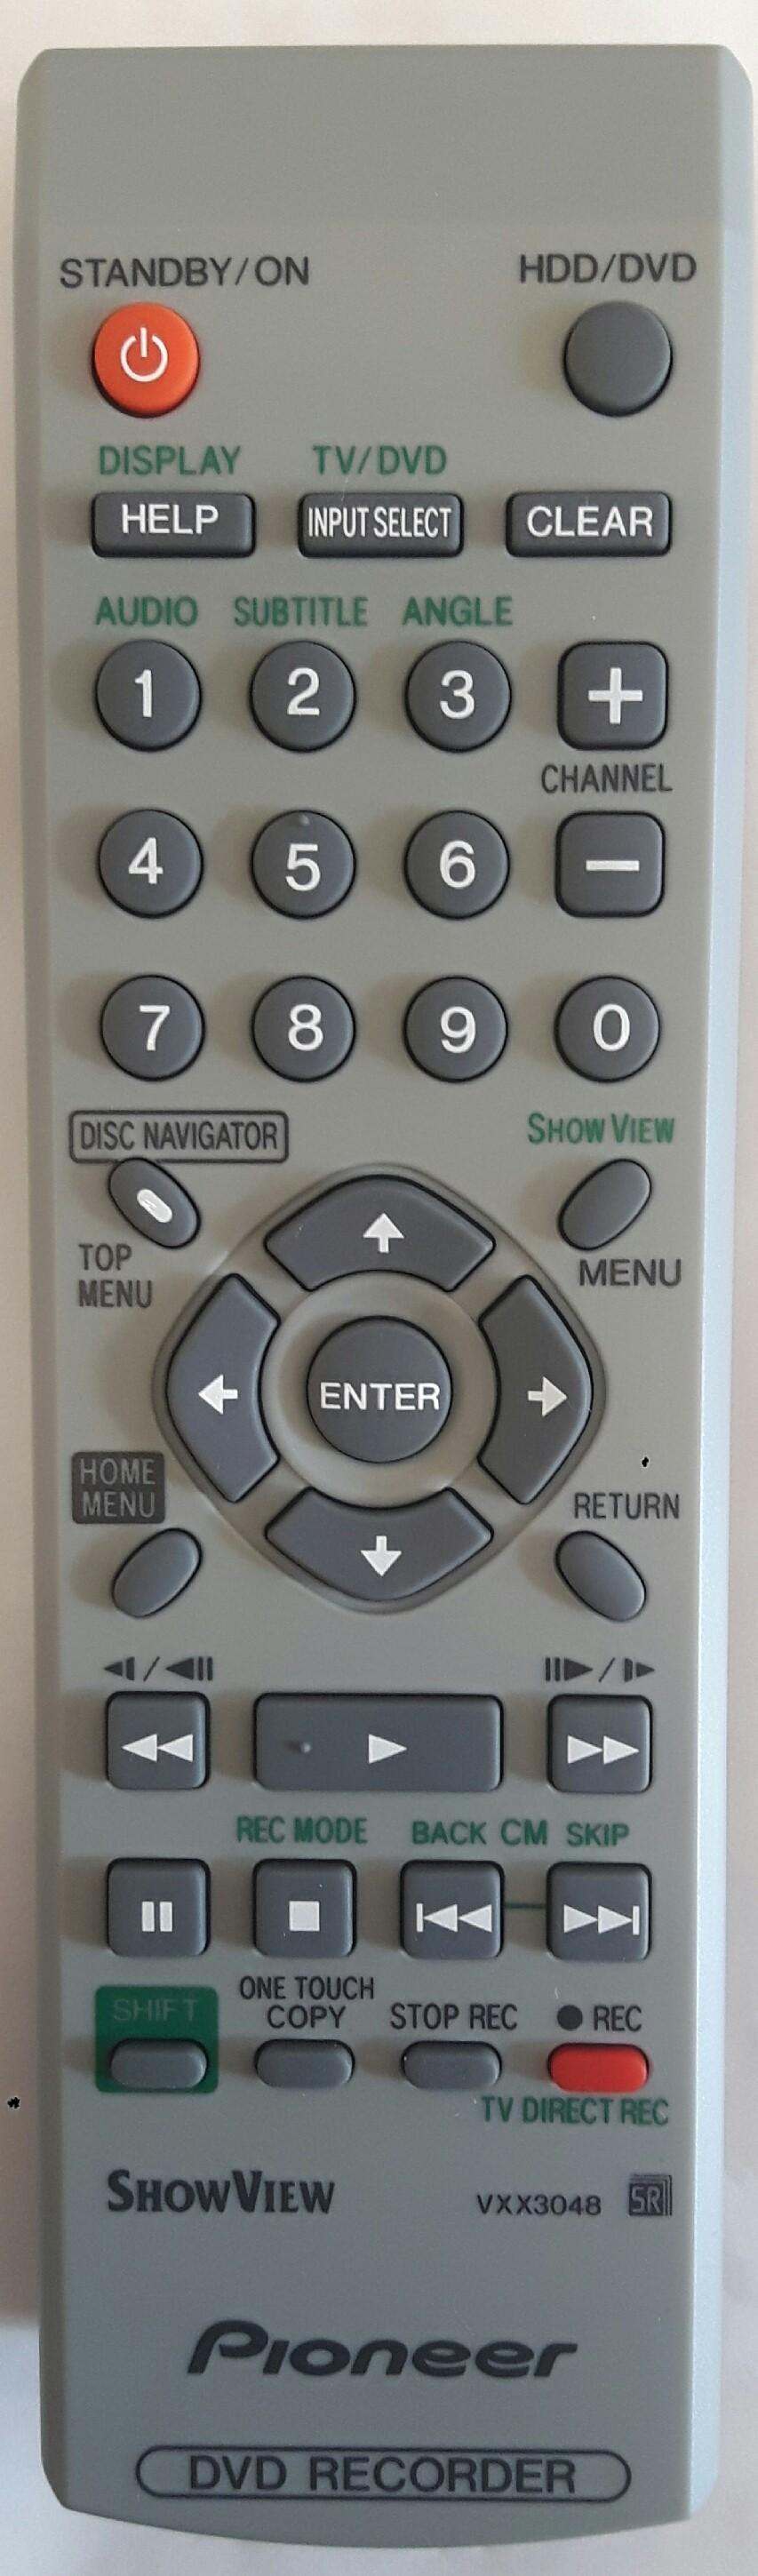 PIONEER DVR-433H Remote Control Original